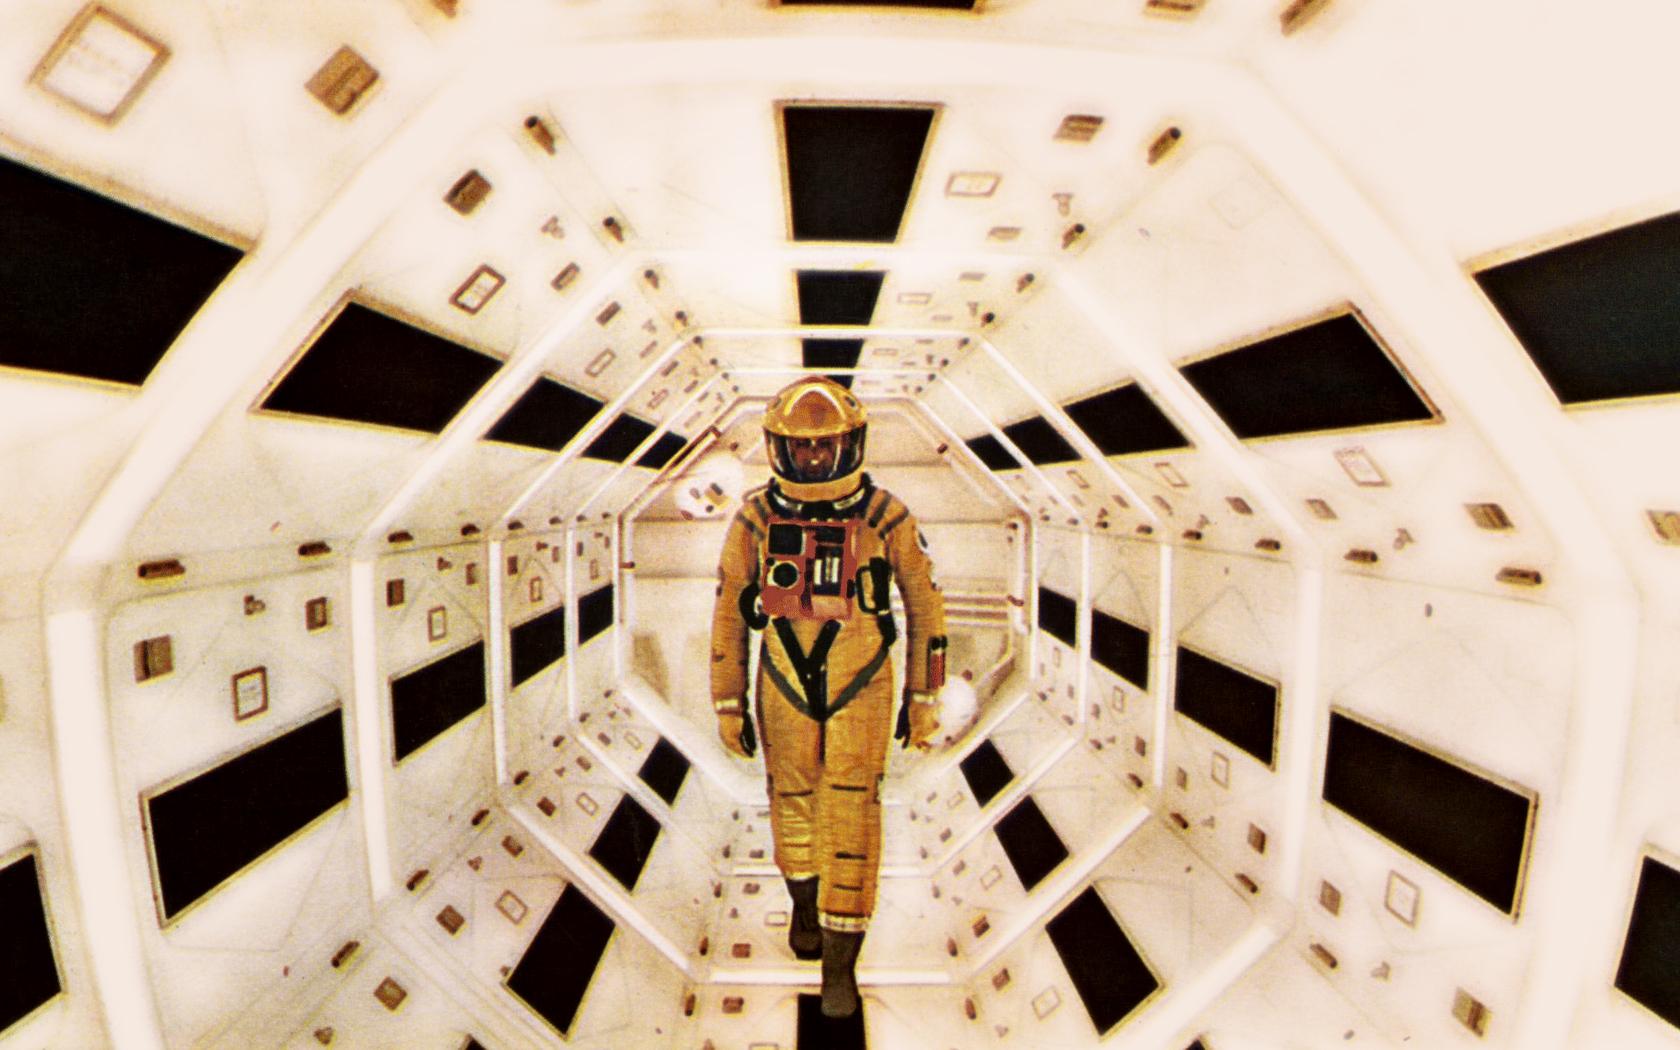 Ciência presta homenagem a Kubrick 50 anos após '2001: Uma Odisseia no Espaço'